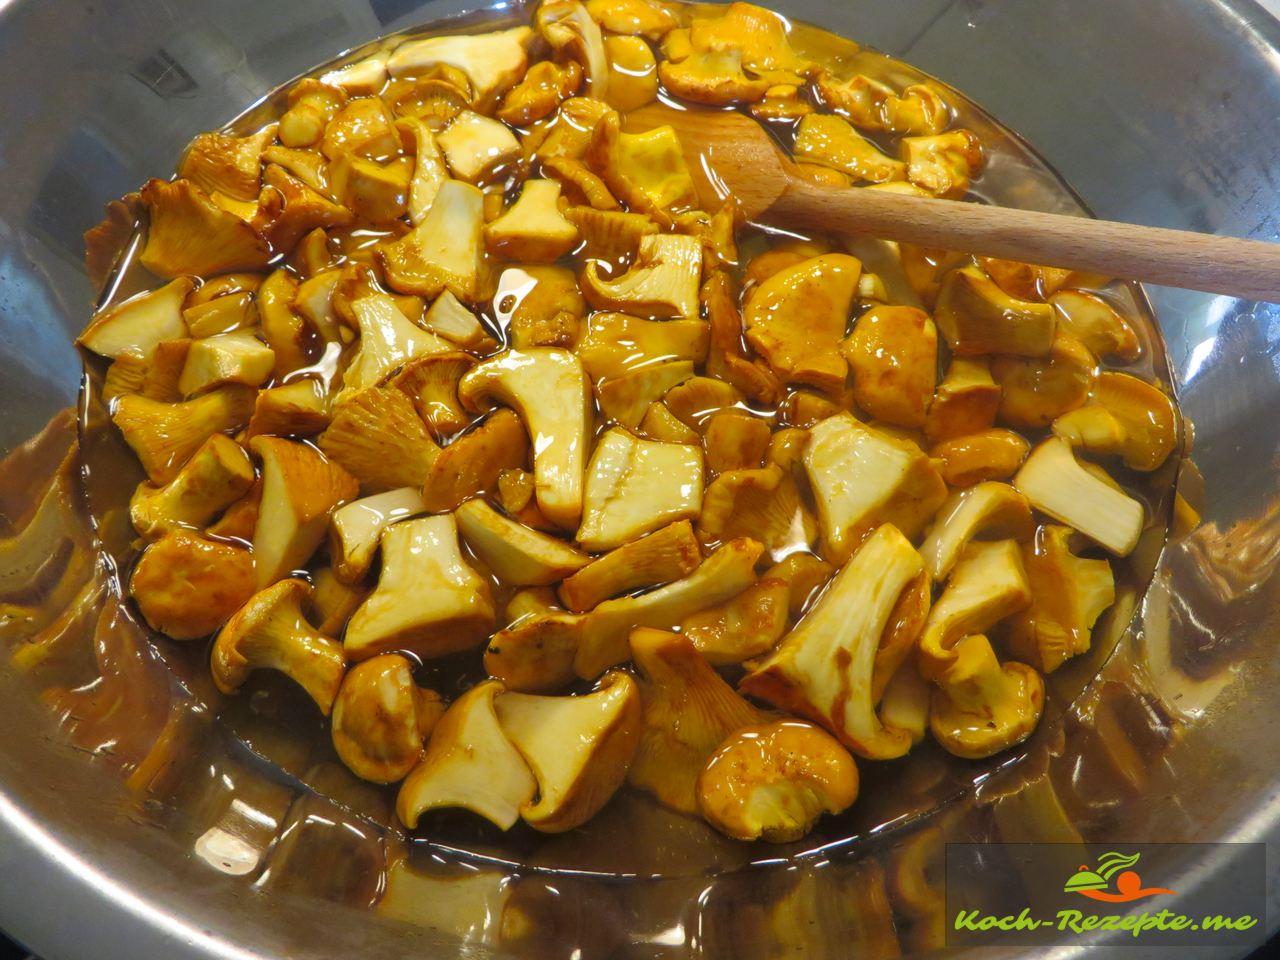 Pfifferlinge einfrieren mit Tipps Schritt für Schritt, 60 Sekunden mit kochendem Wasser 1 Teelöffel Salz blanchieren